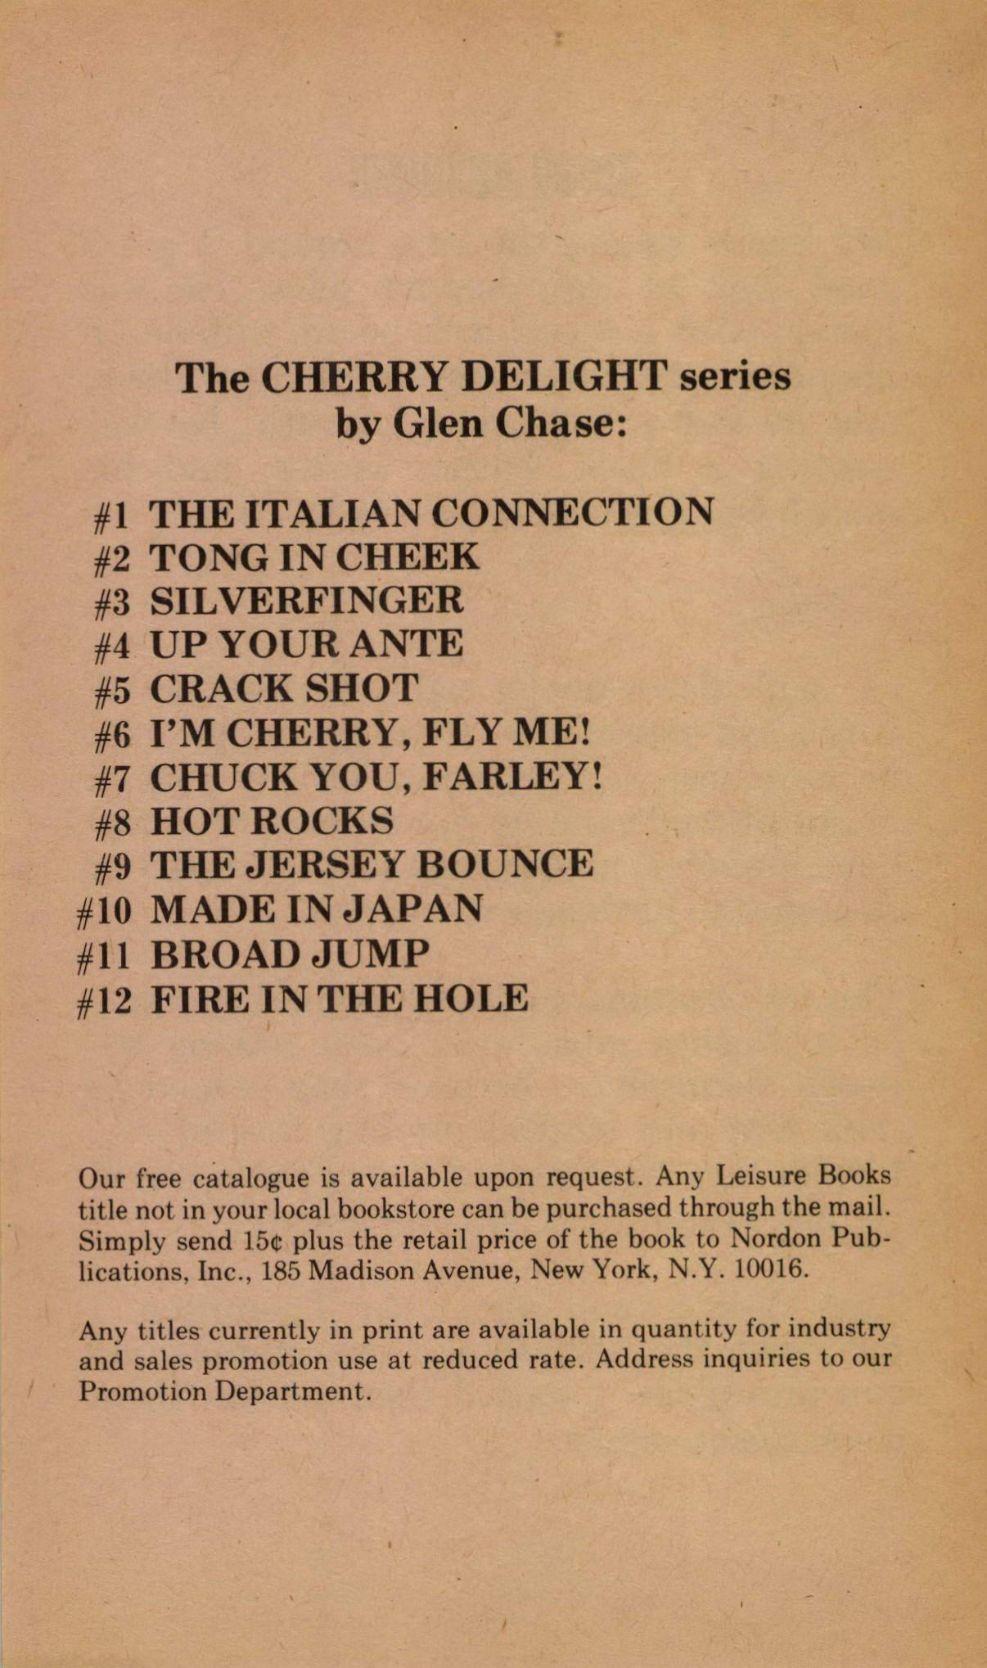 Cherry Delight 12 Fire in the Hole Glen Chase Gardner F Fox 003.jpg